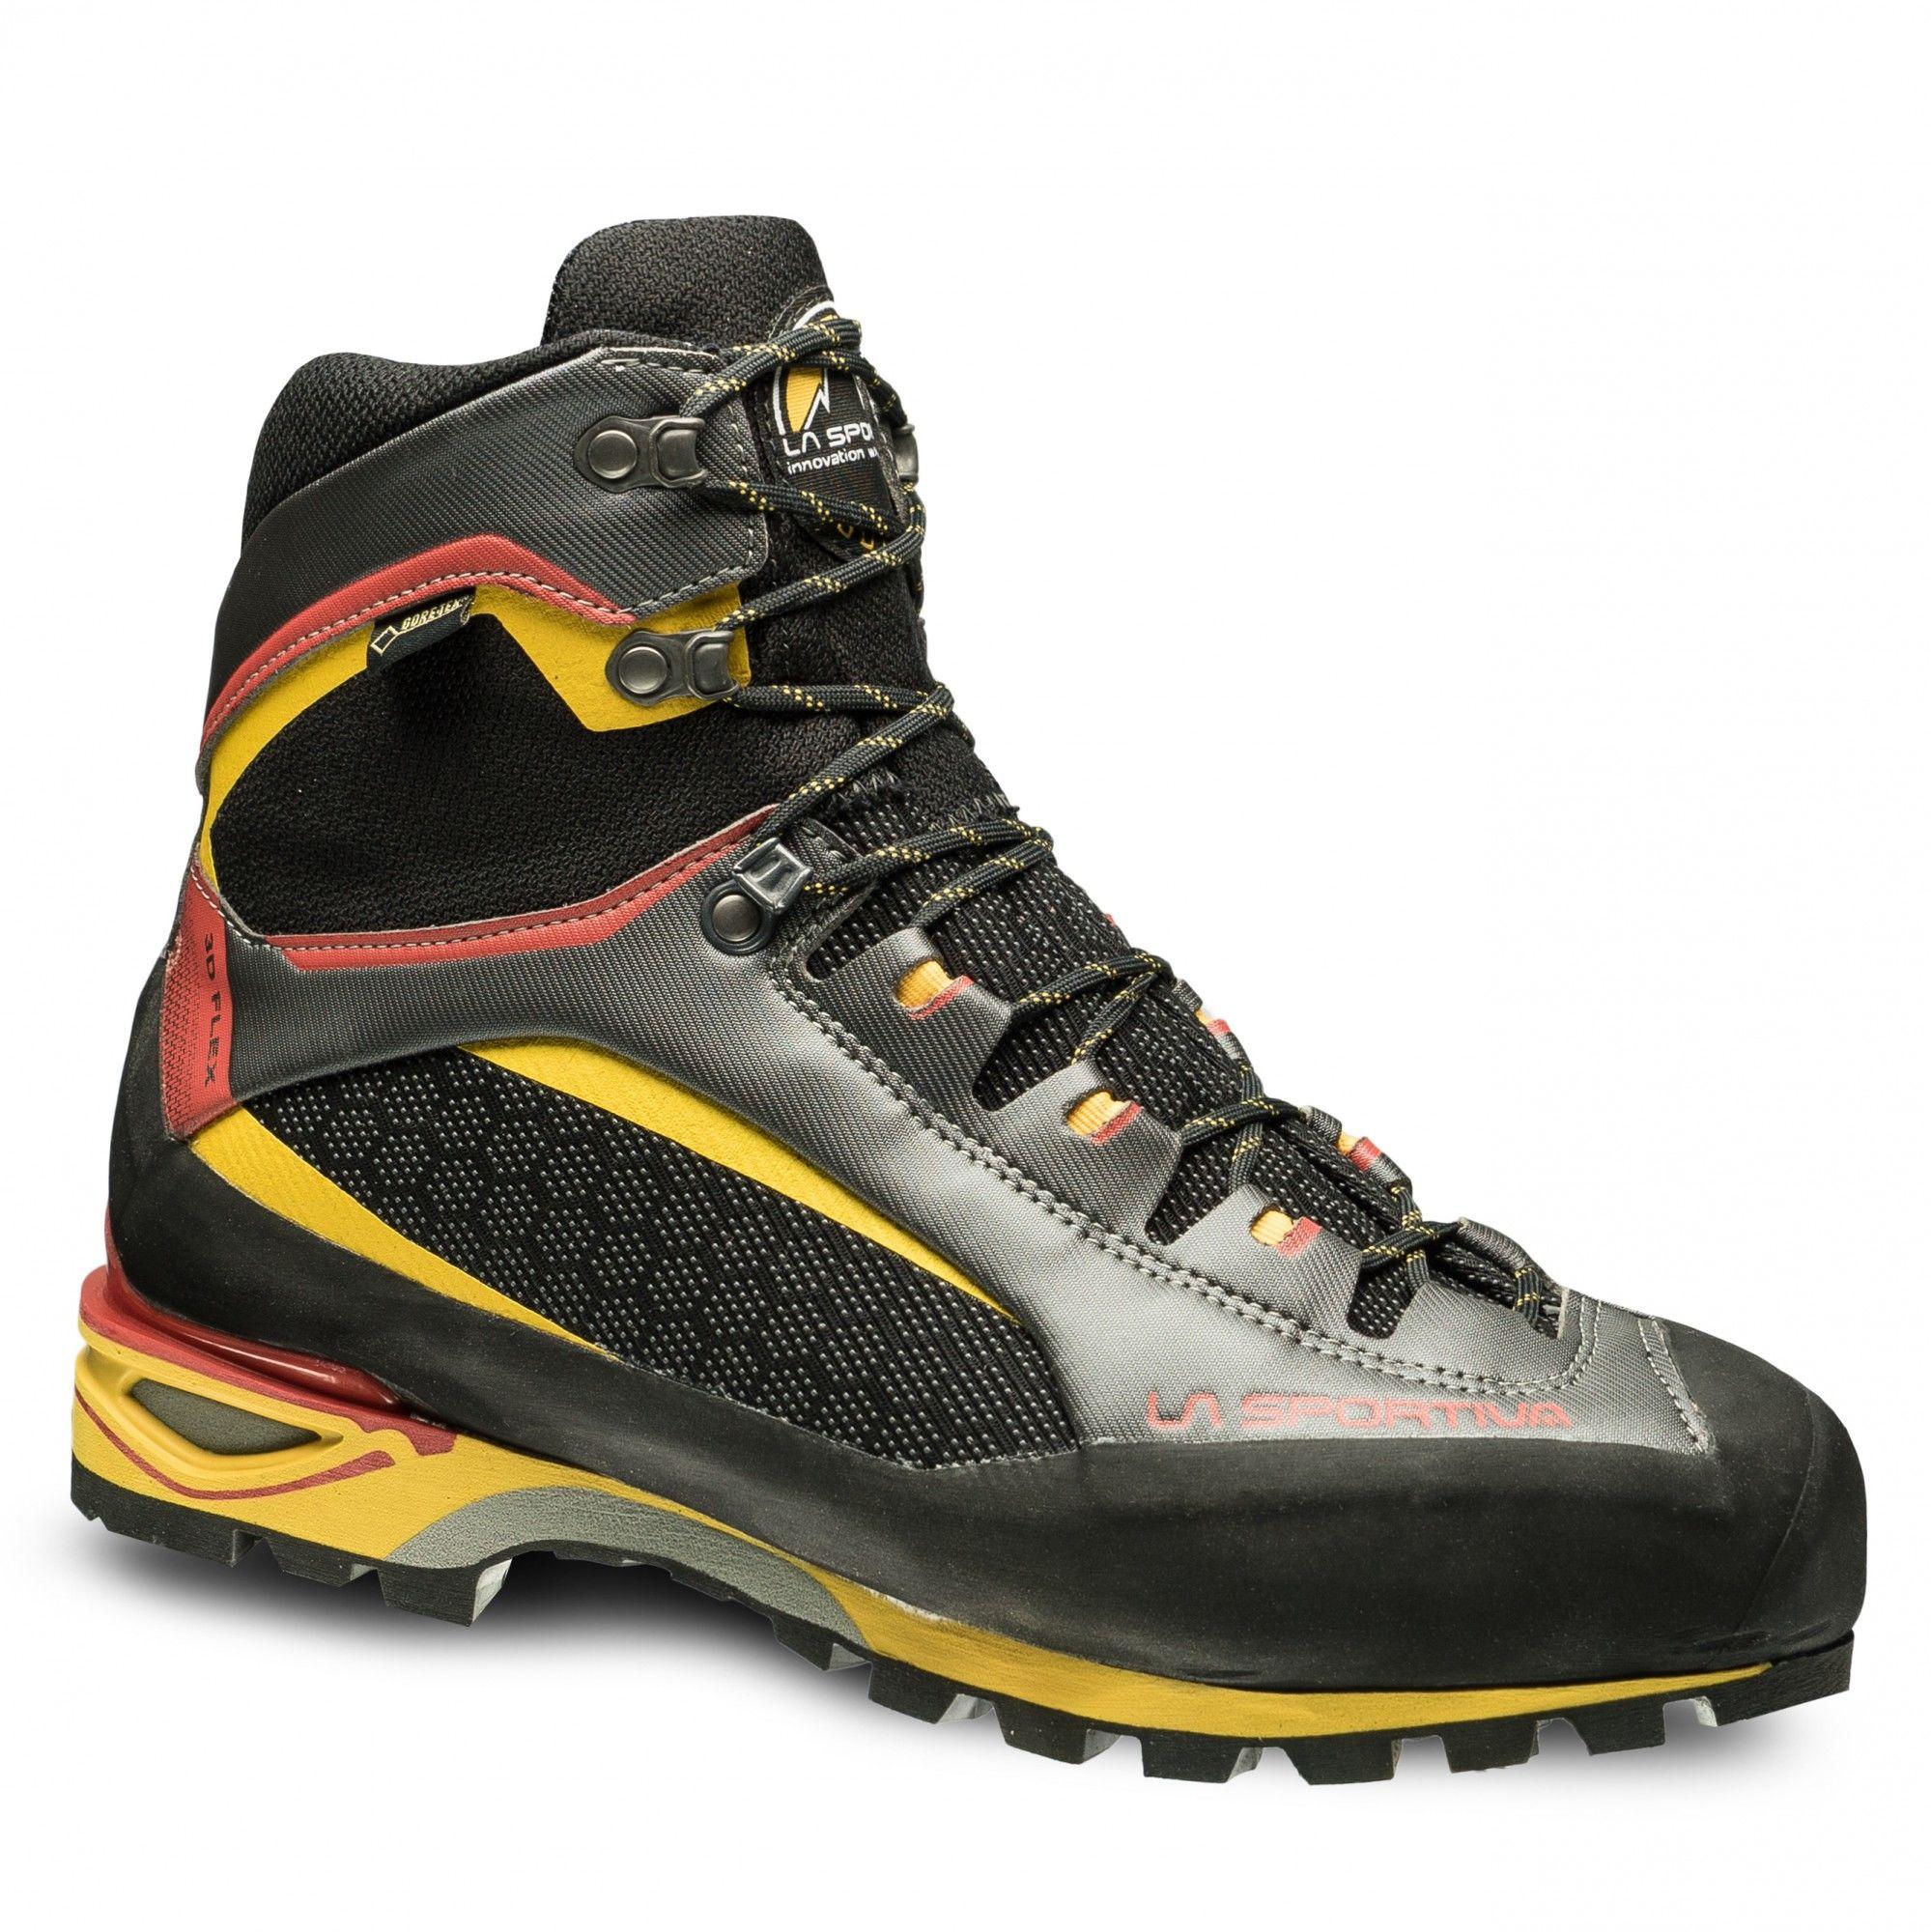 La Sportiva Trango Tower Gtx® Gelb, Male Gore-Tex® EU 41 -Farbe Black -Yellow,